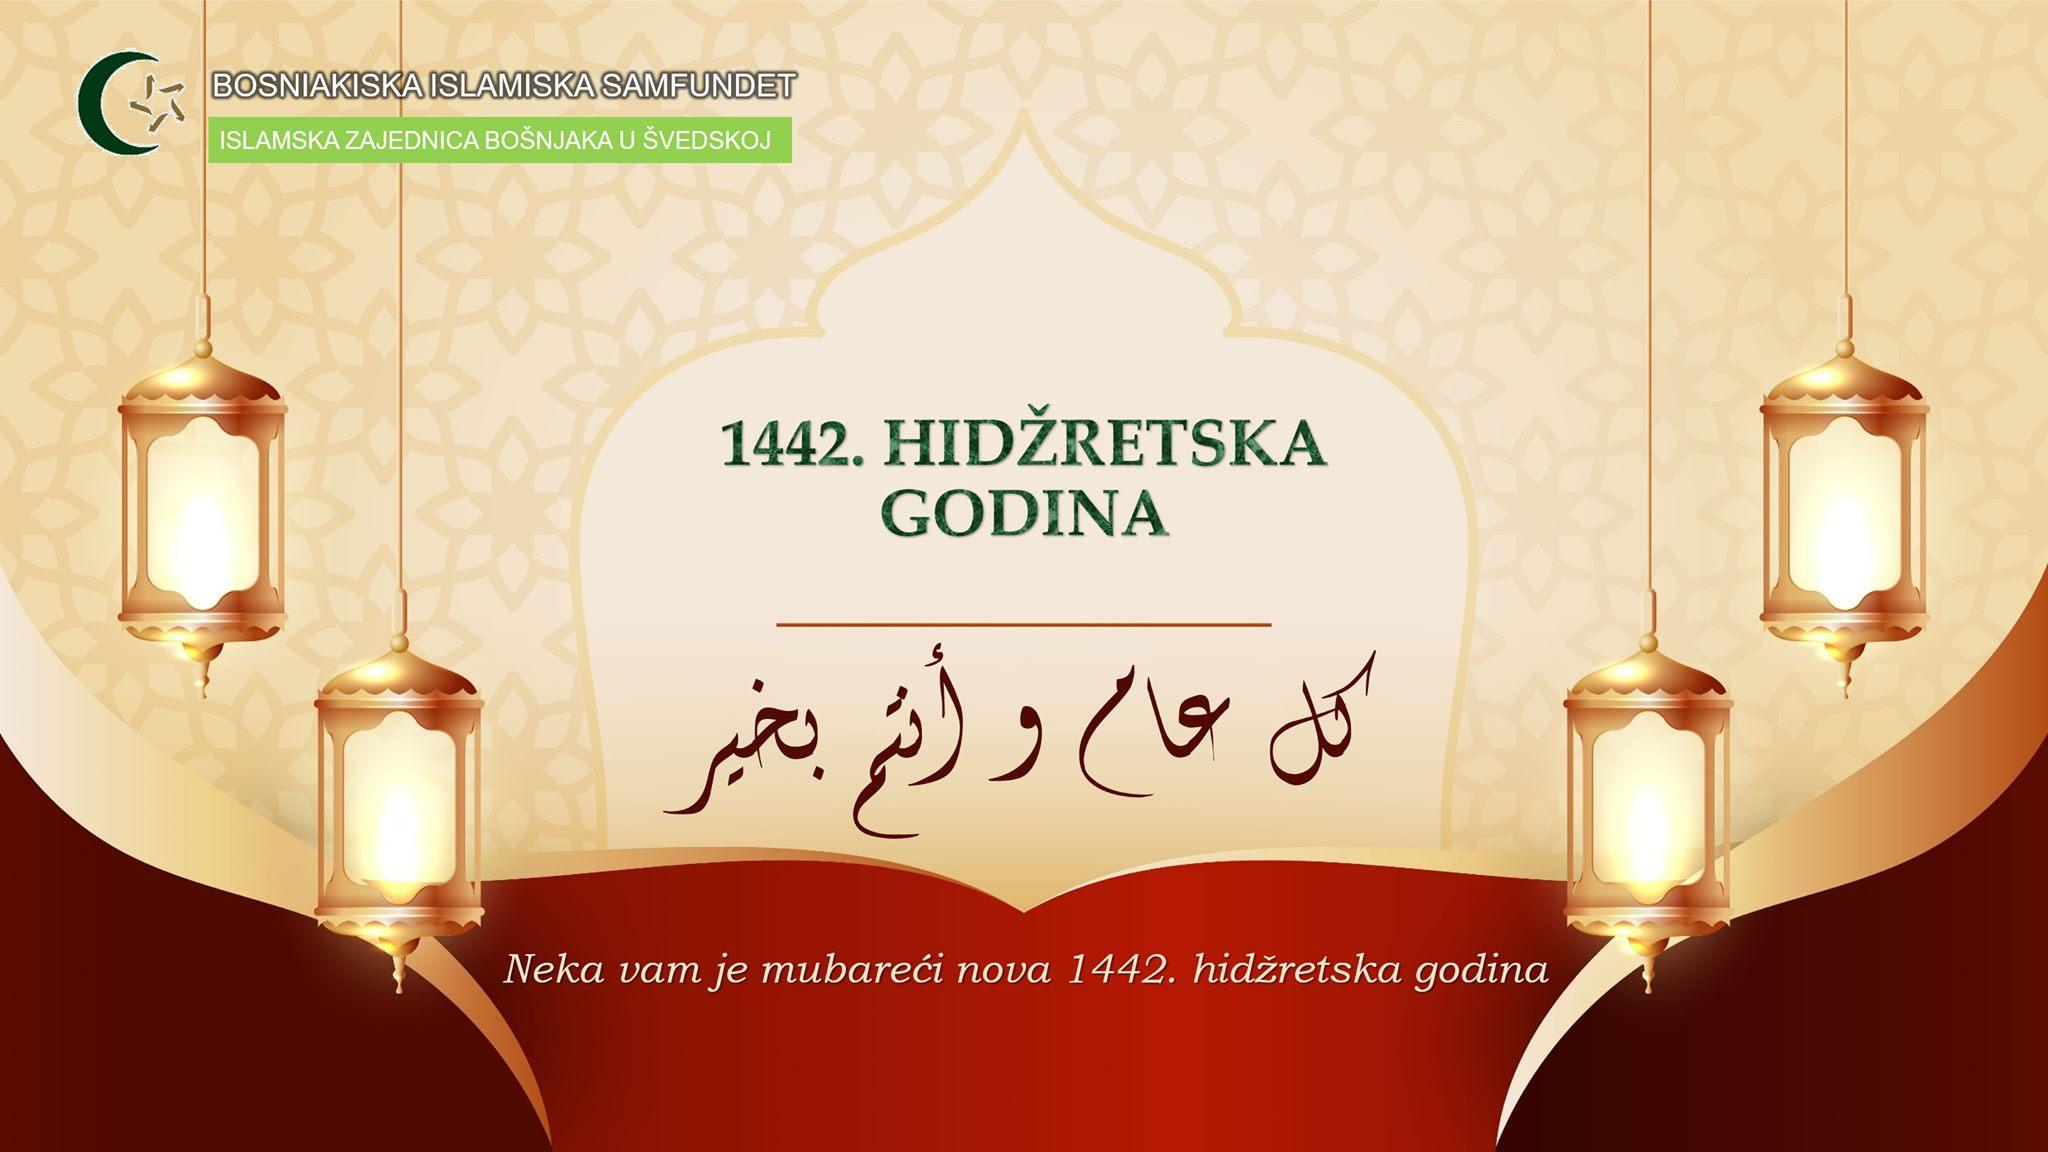 Čestitka povodom Nove hidžretske godine